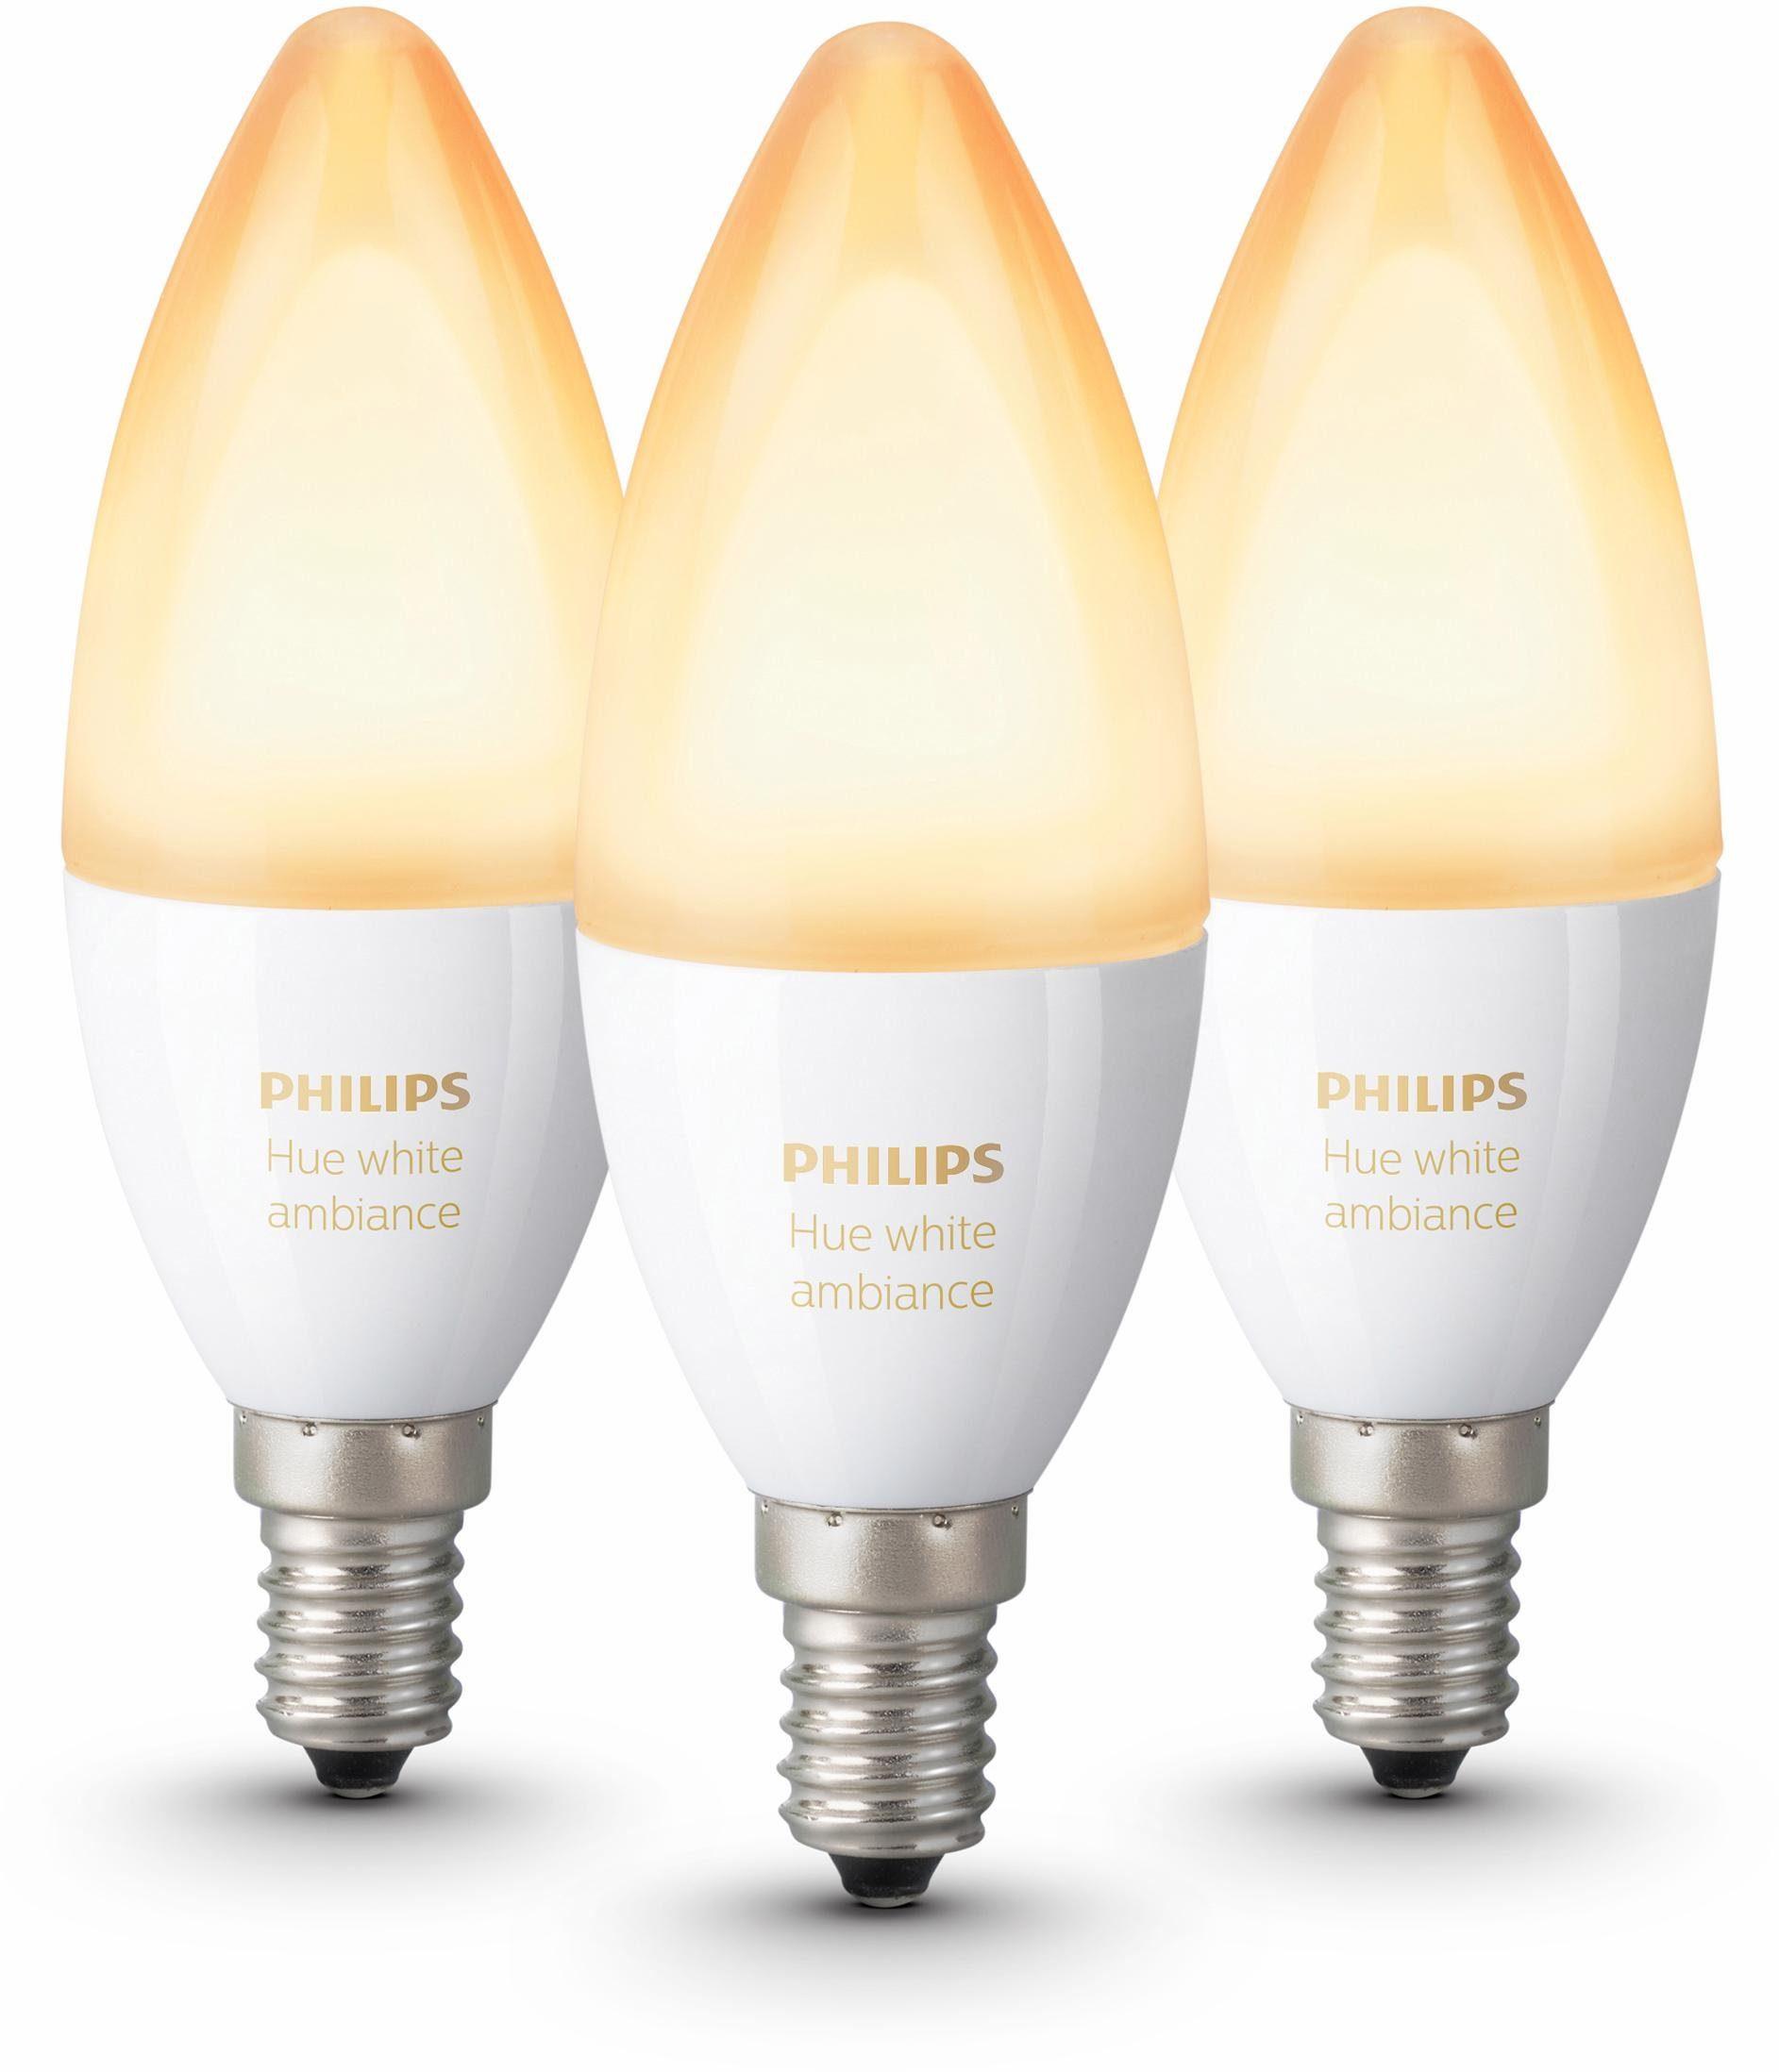 Philips Hue »White Ambiance Kerze« LED-Lichtsystem, E14, 3 Stück, Neutralweiß, Tageslichtweiß, Warmweiß, Extra-Warmweiß, Farbwechsler, smartes LED-Lichtsystem mit App-Steuerung